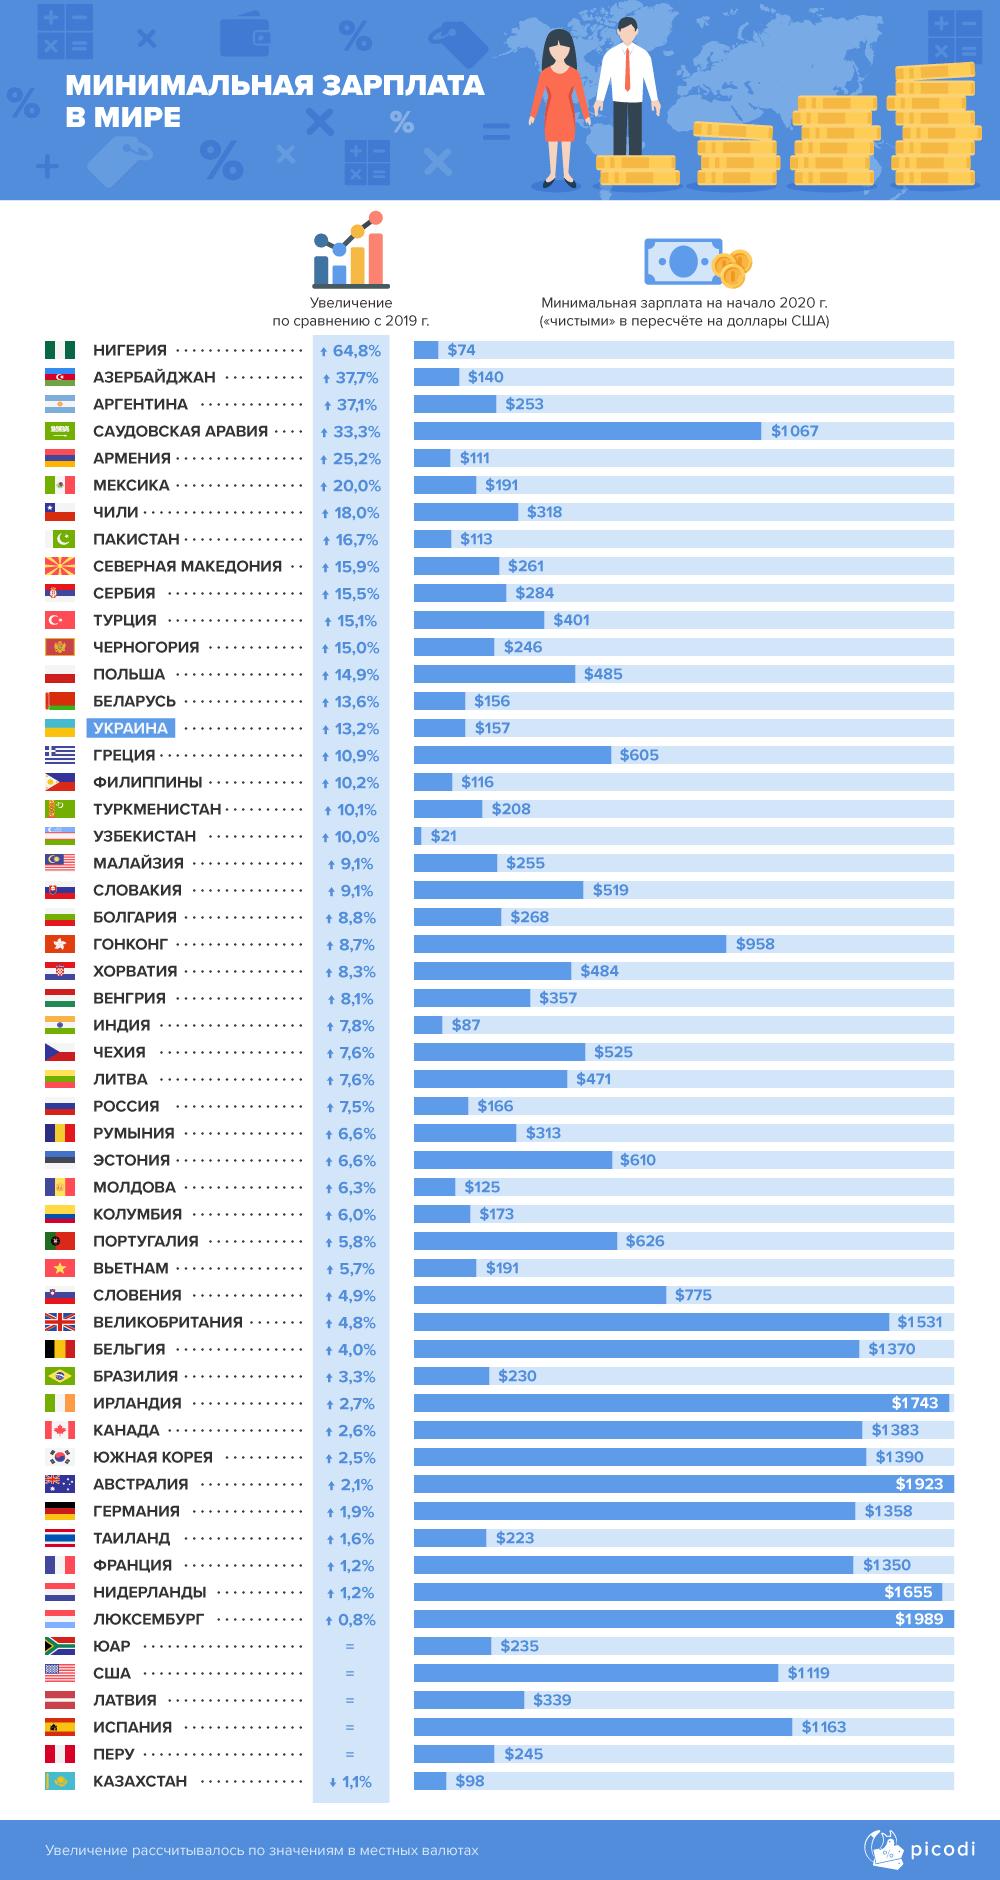 Україна на 15 місці у світі за зростанням мінімальної зарплати